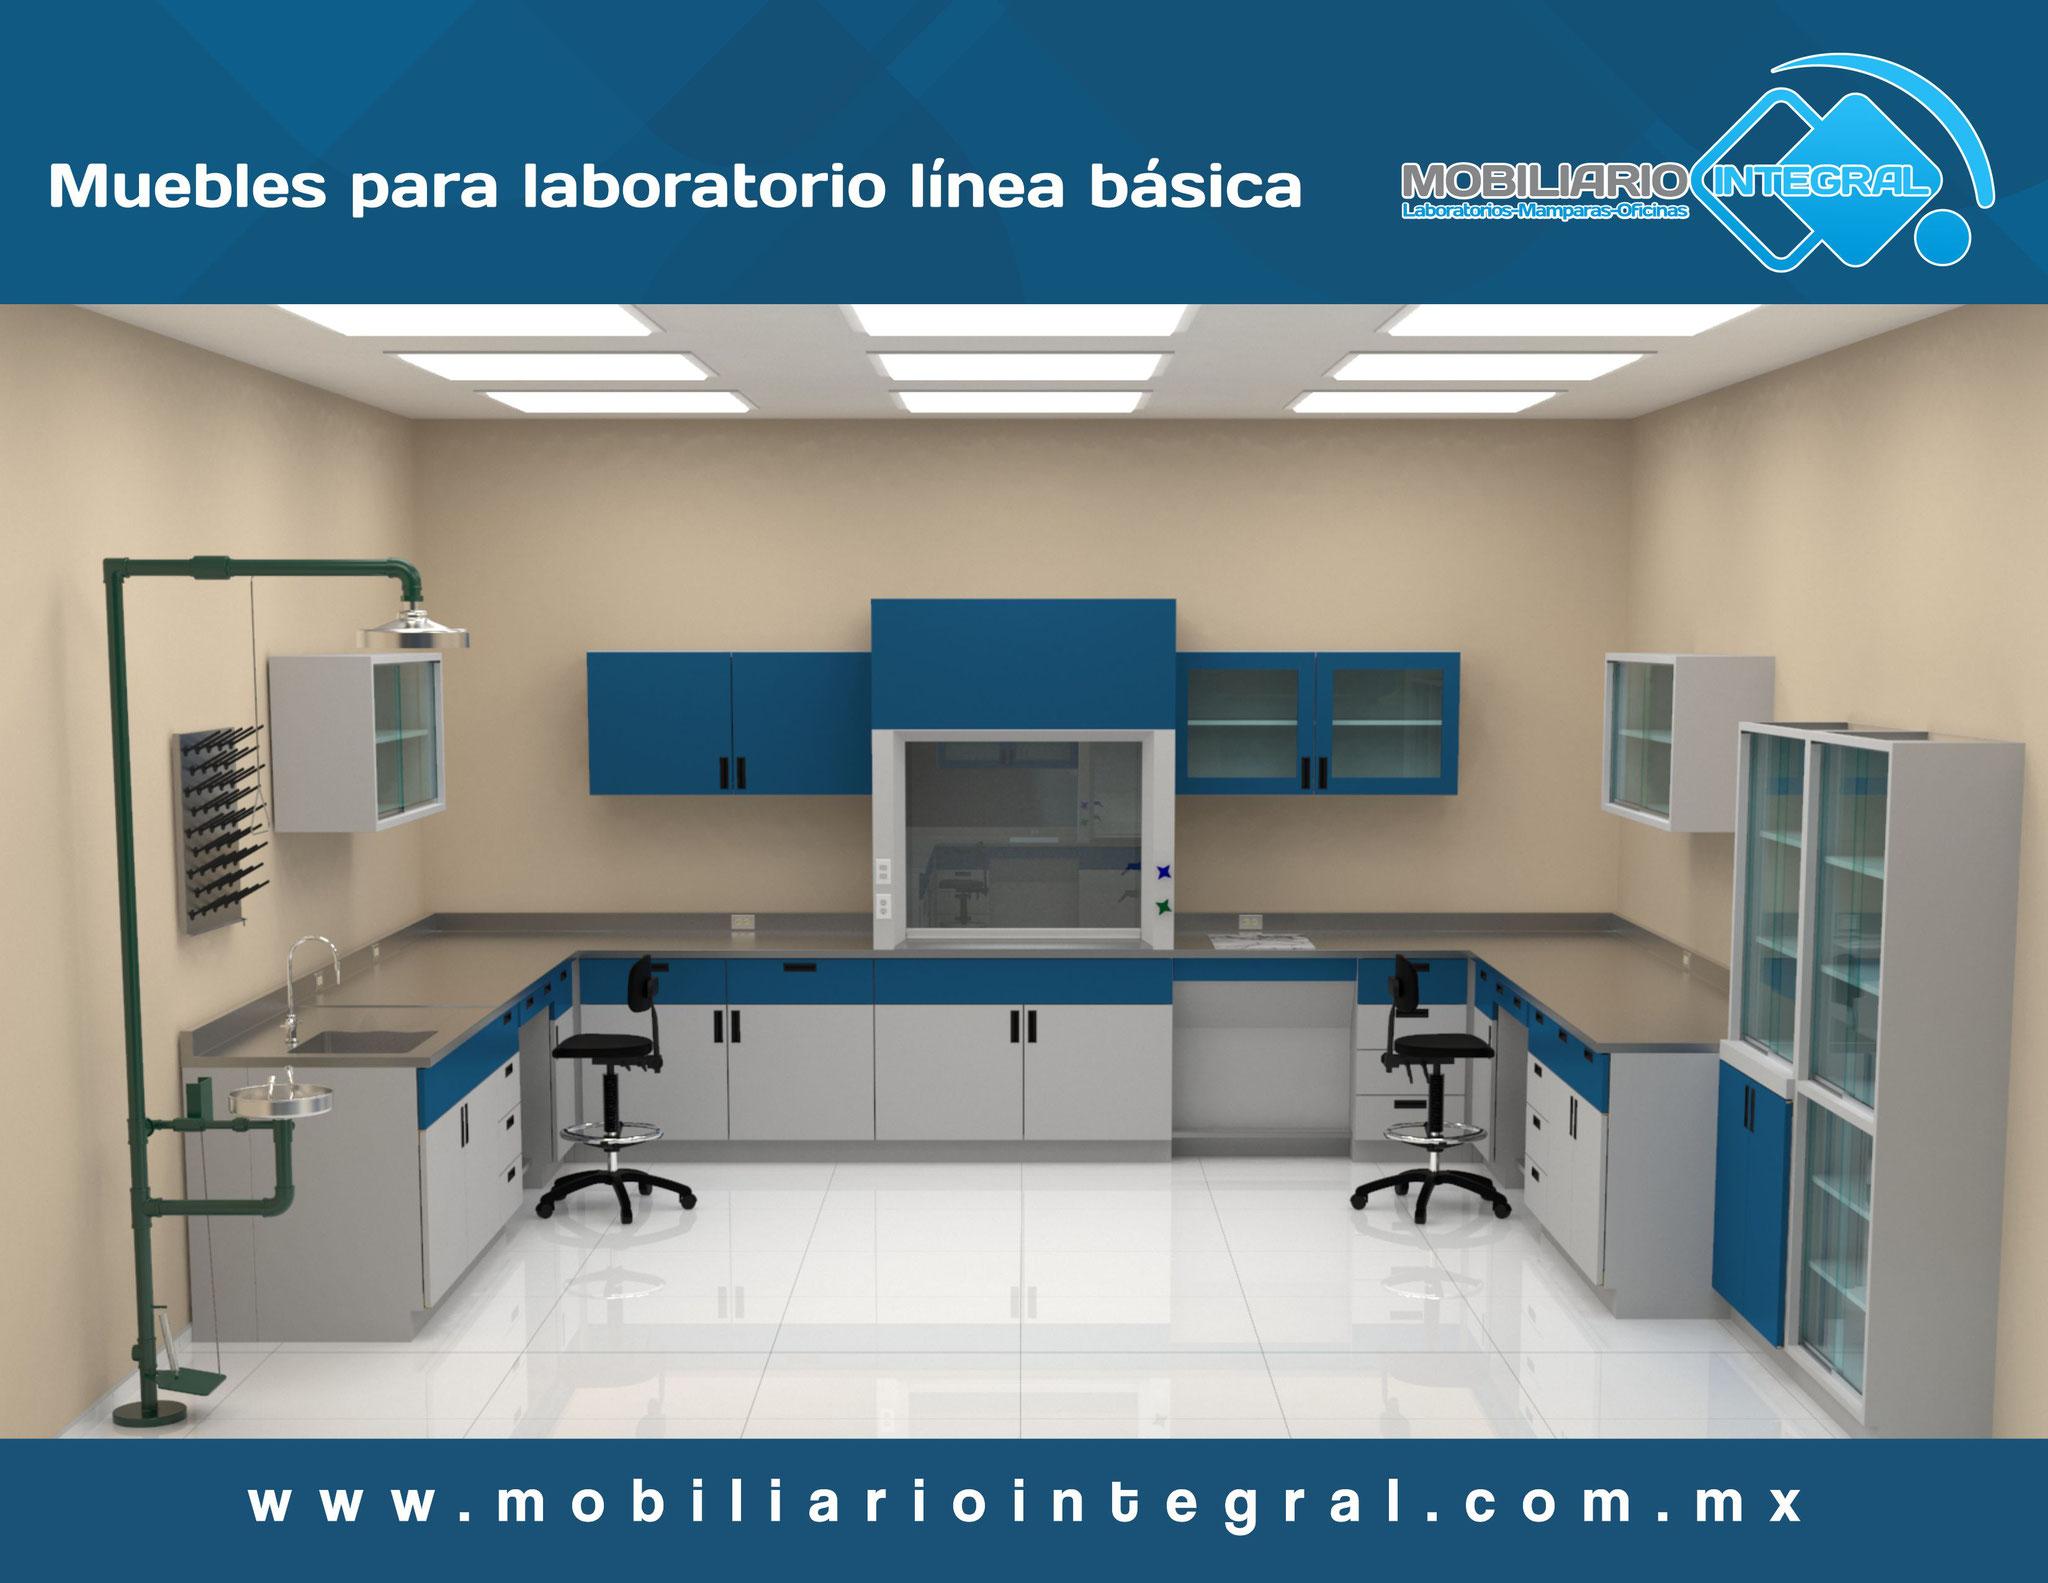 Muebles para laboratorio en Durango